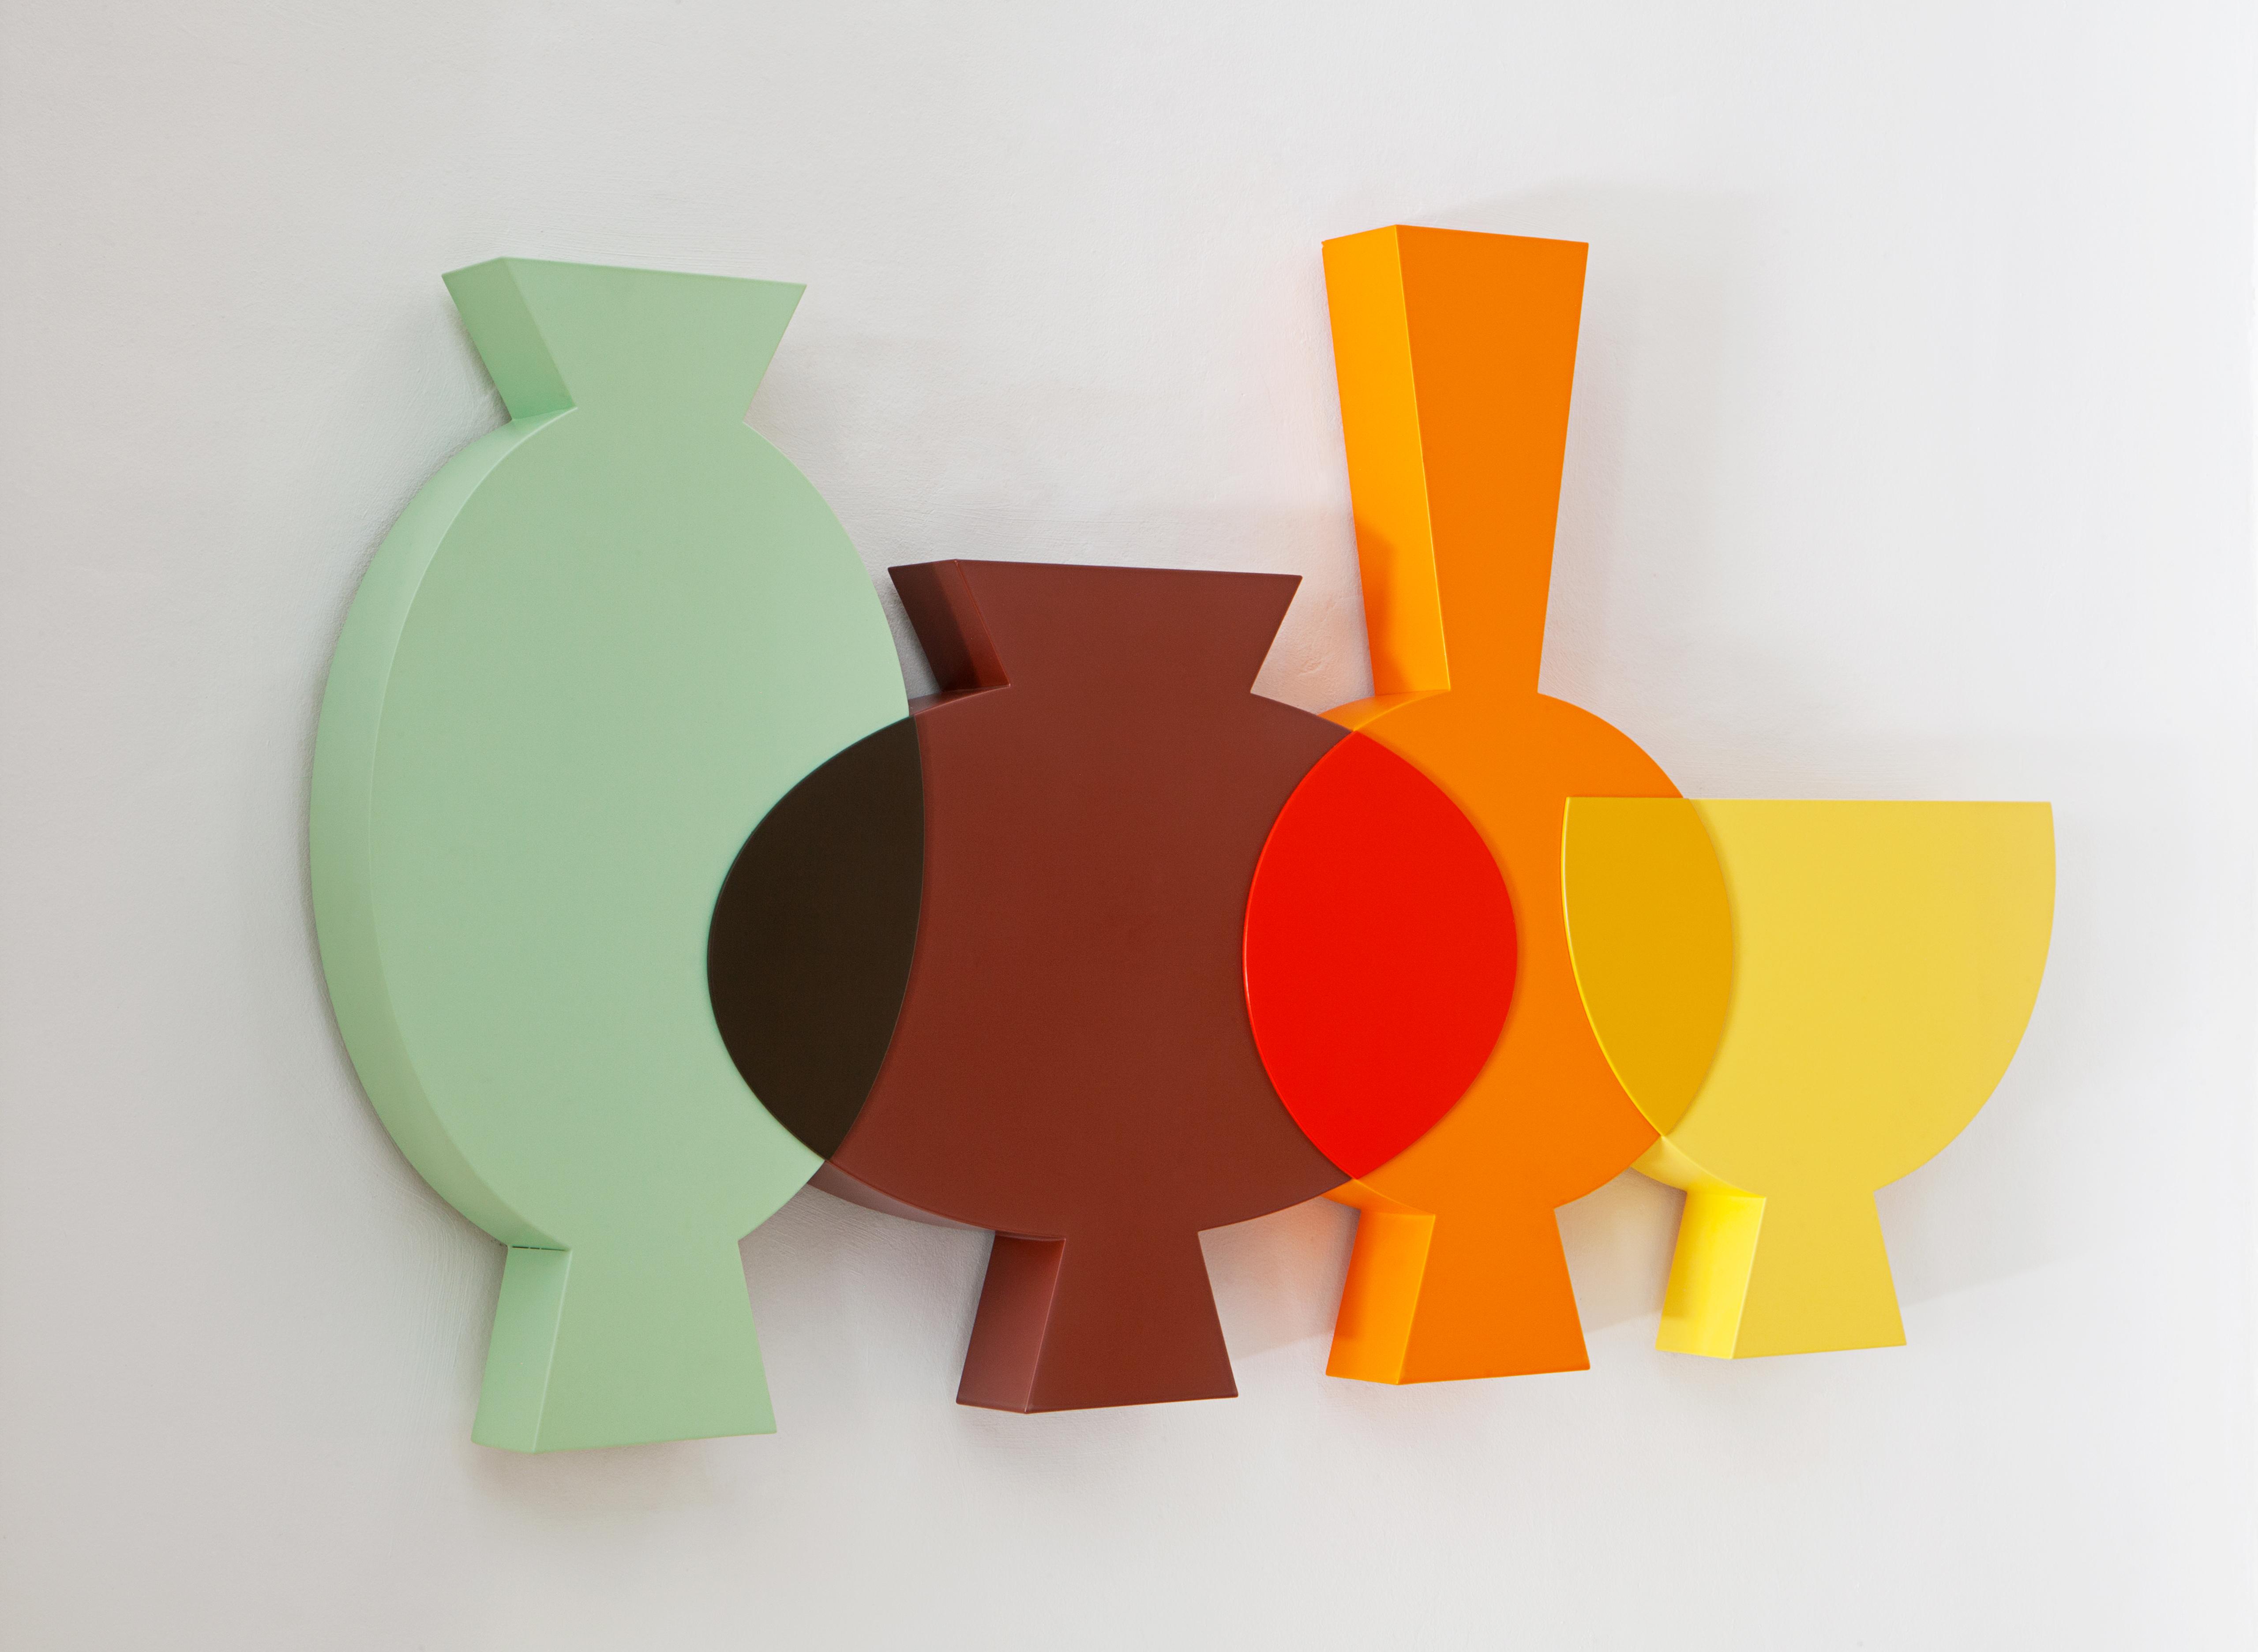 Andrea-Santamarina-Roomservice-Design-Asier-Rua-BCD-Barcelona-Design-Week-Metal-Vases_Flatwins copy